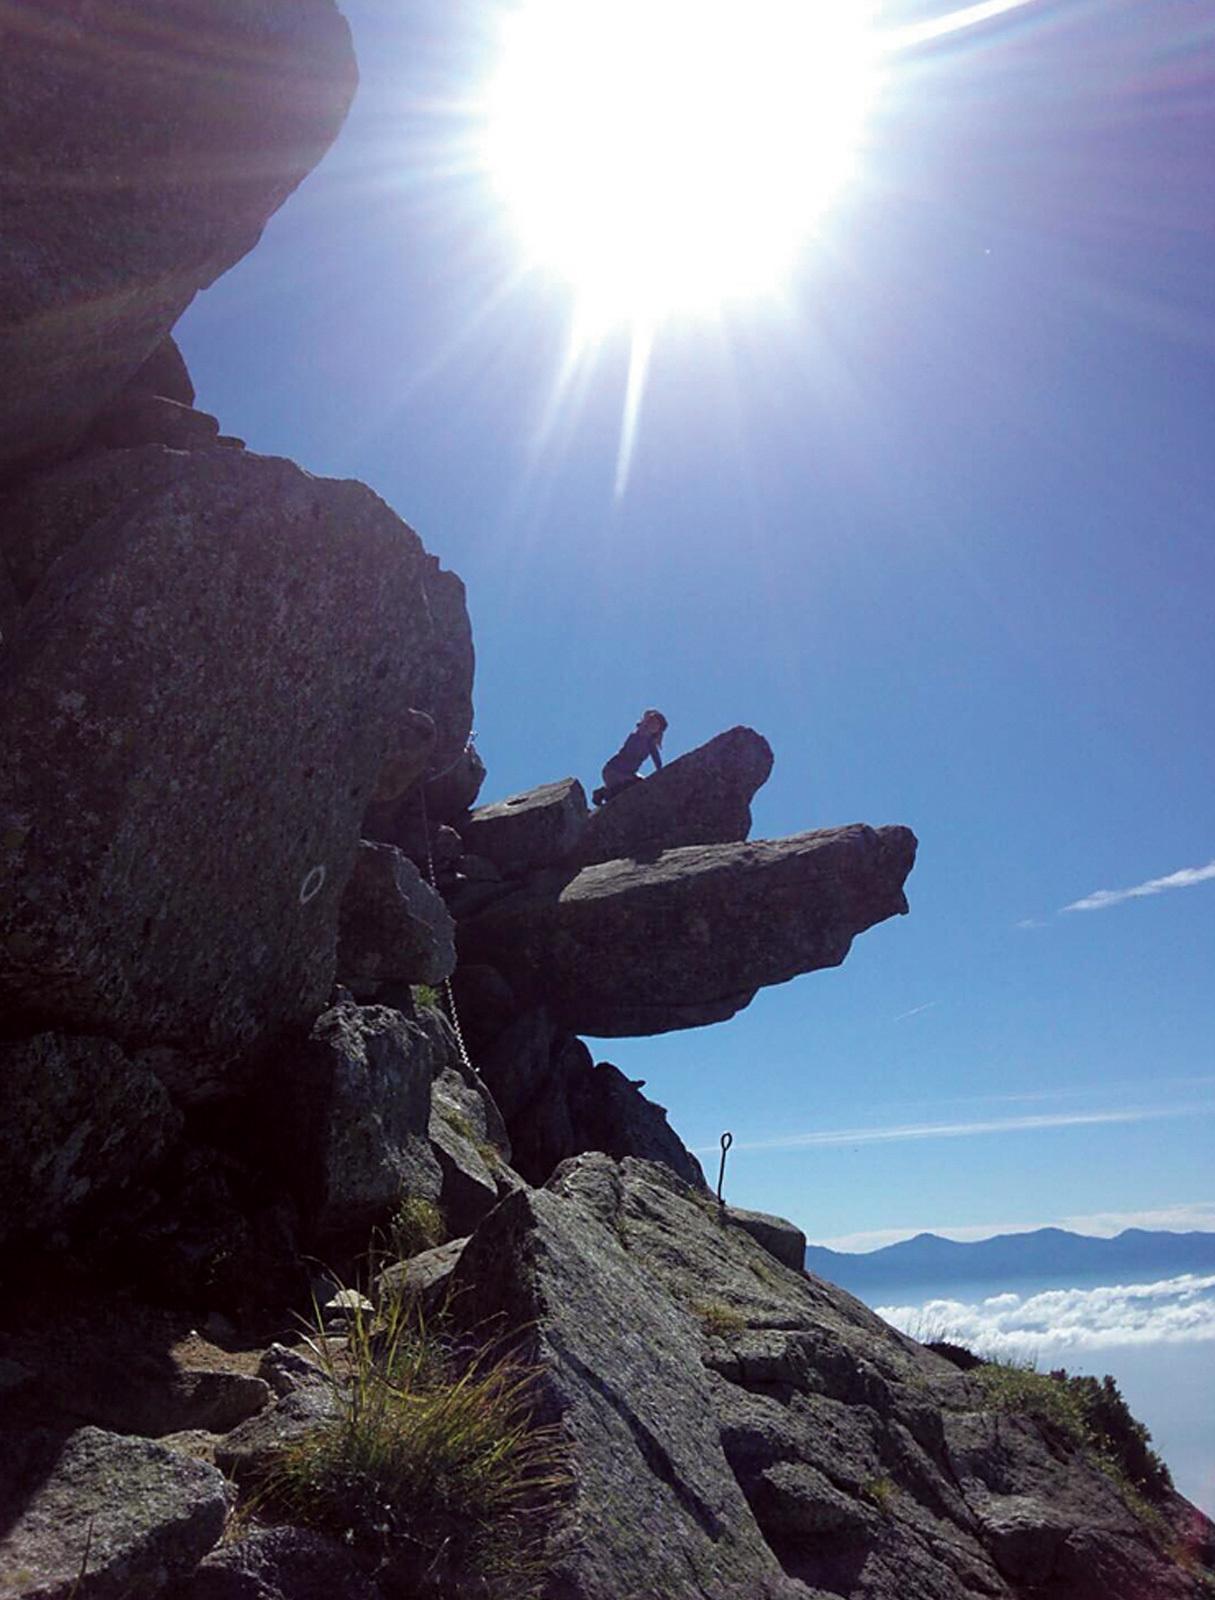 「山に登るプロセスが生活も体力も気持ちも変えてくれた」美容ライター中島彩さん【キレイになる活】_1_2-2